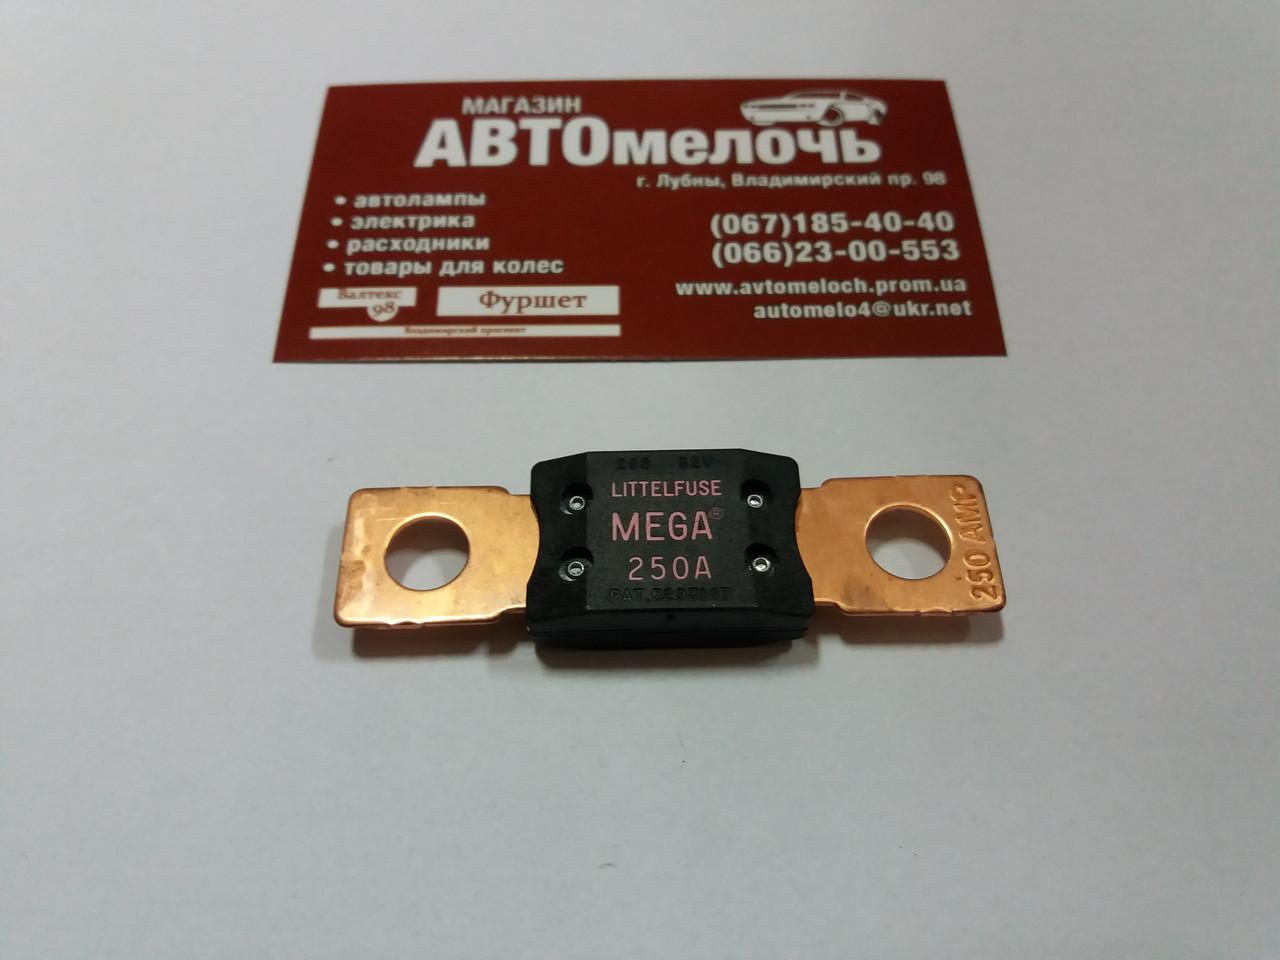 Предохранитель MIDI 250A MEGA Tesla